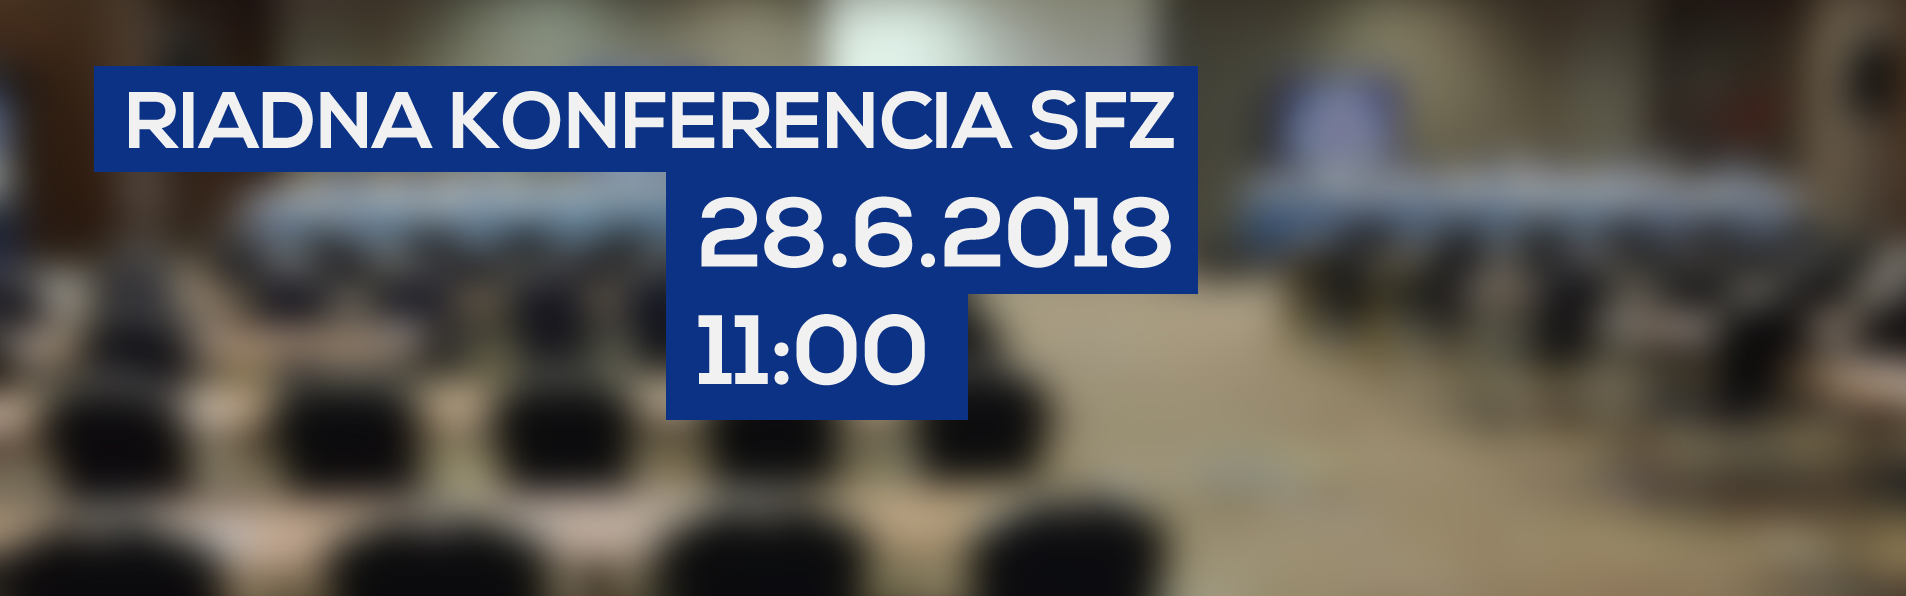 LIVE: 28.6. 2018, 11:00 RIADNA KONFERENCIA SFZ (BRATISLAVA, HOTEL HOLIDAY INN)